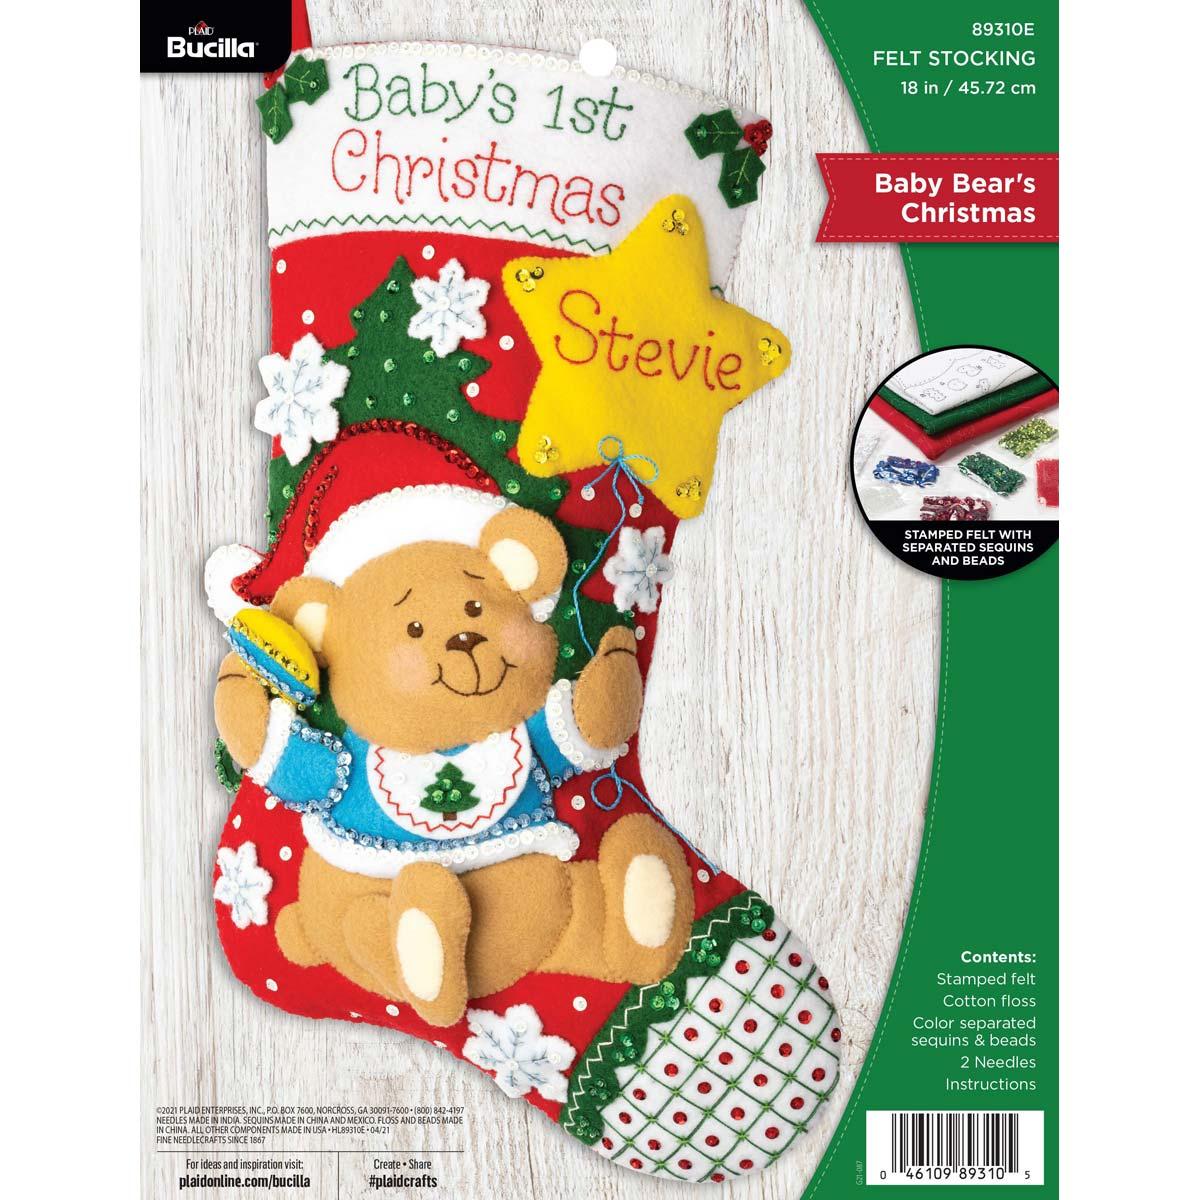 Bucilla ® Seasonal - Felt - Stocking Kits - Baby Bear's Christmas - 89310E